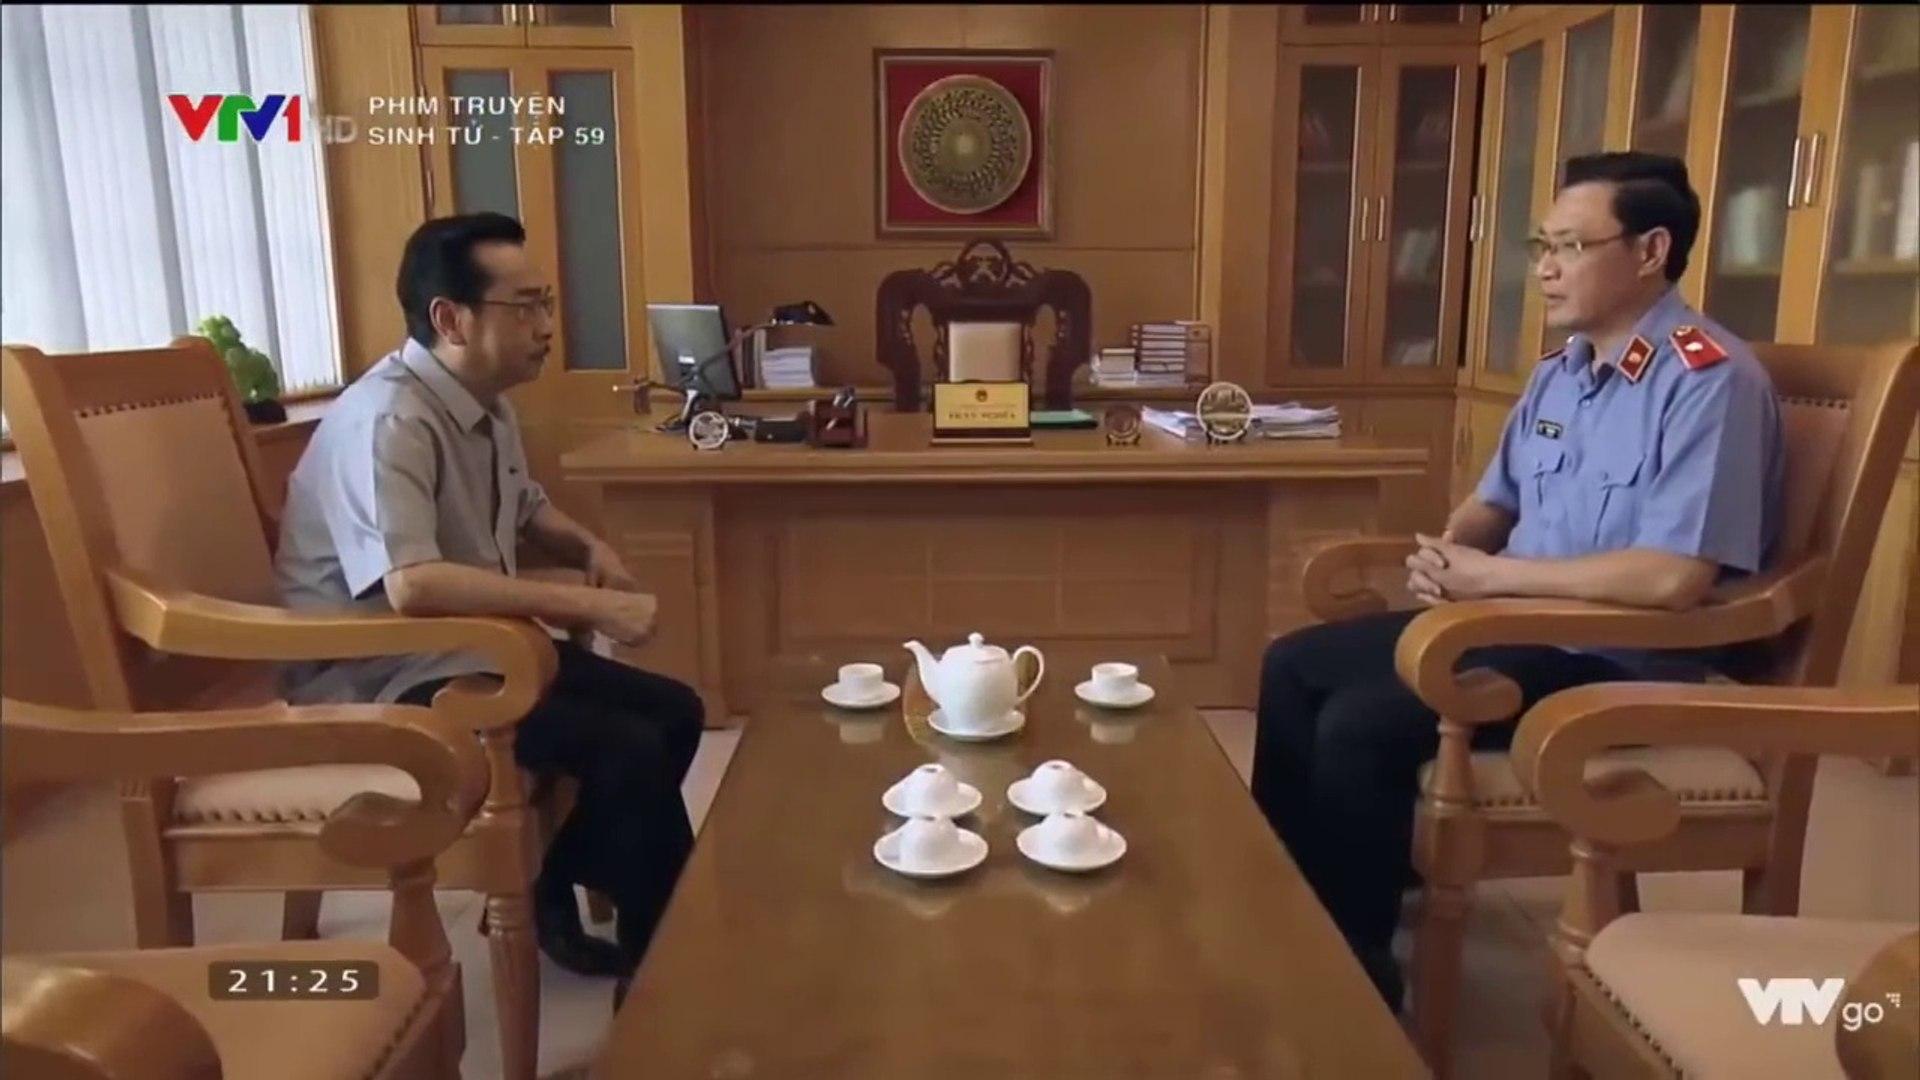 Phim SINH TỬ - Tập 60- Giám đốc ngân hàng Bắc Dĩnh thúc Mai Hồng Vũ lo -đường rút lui-